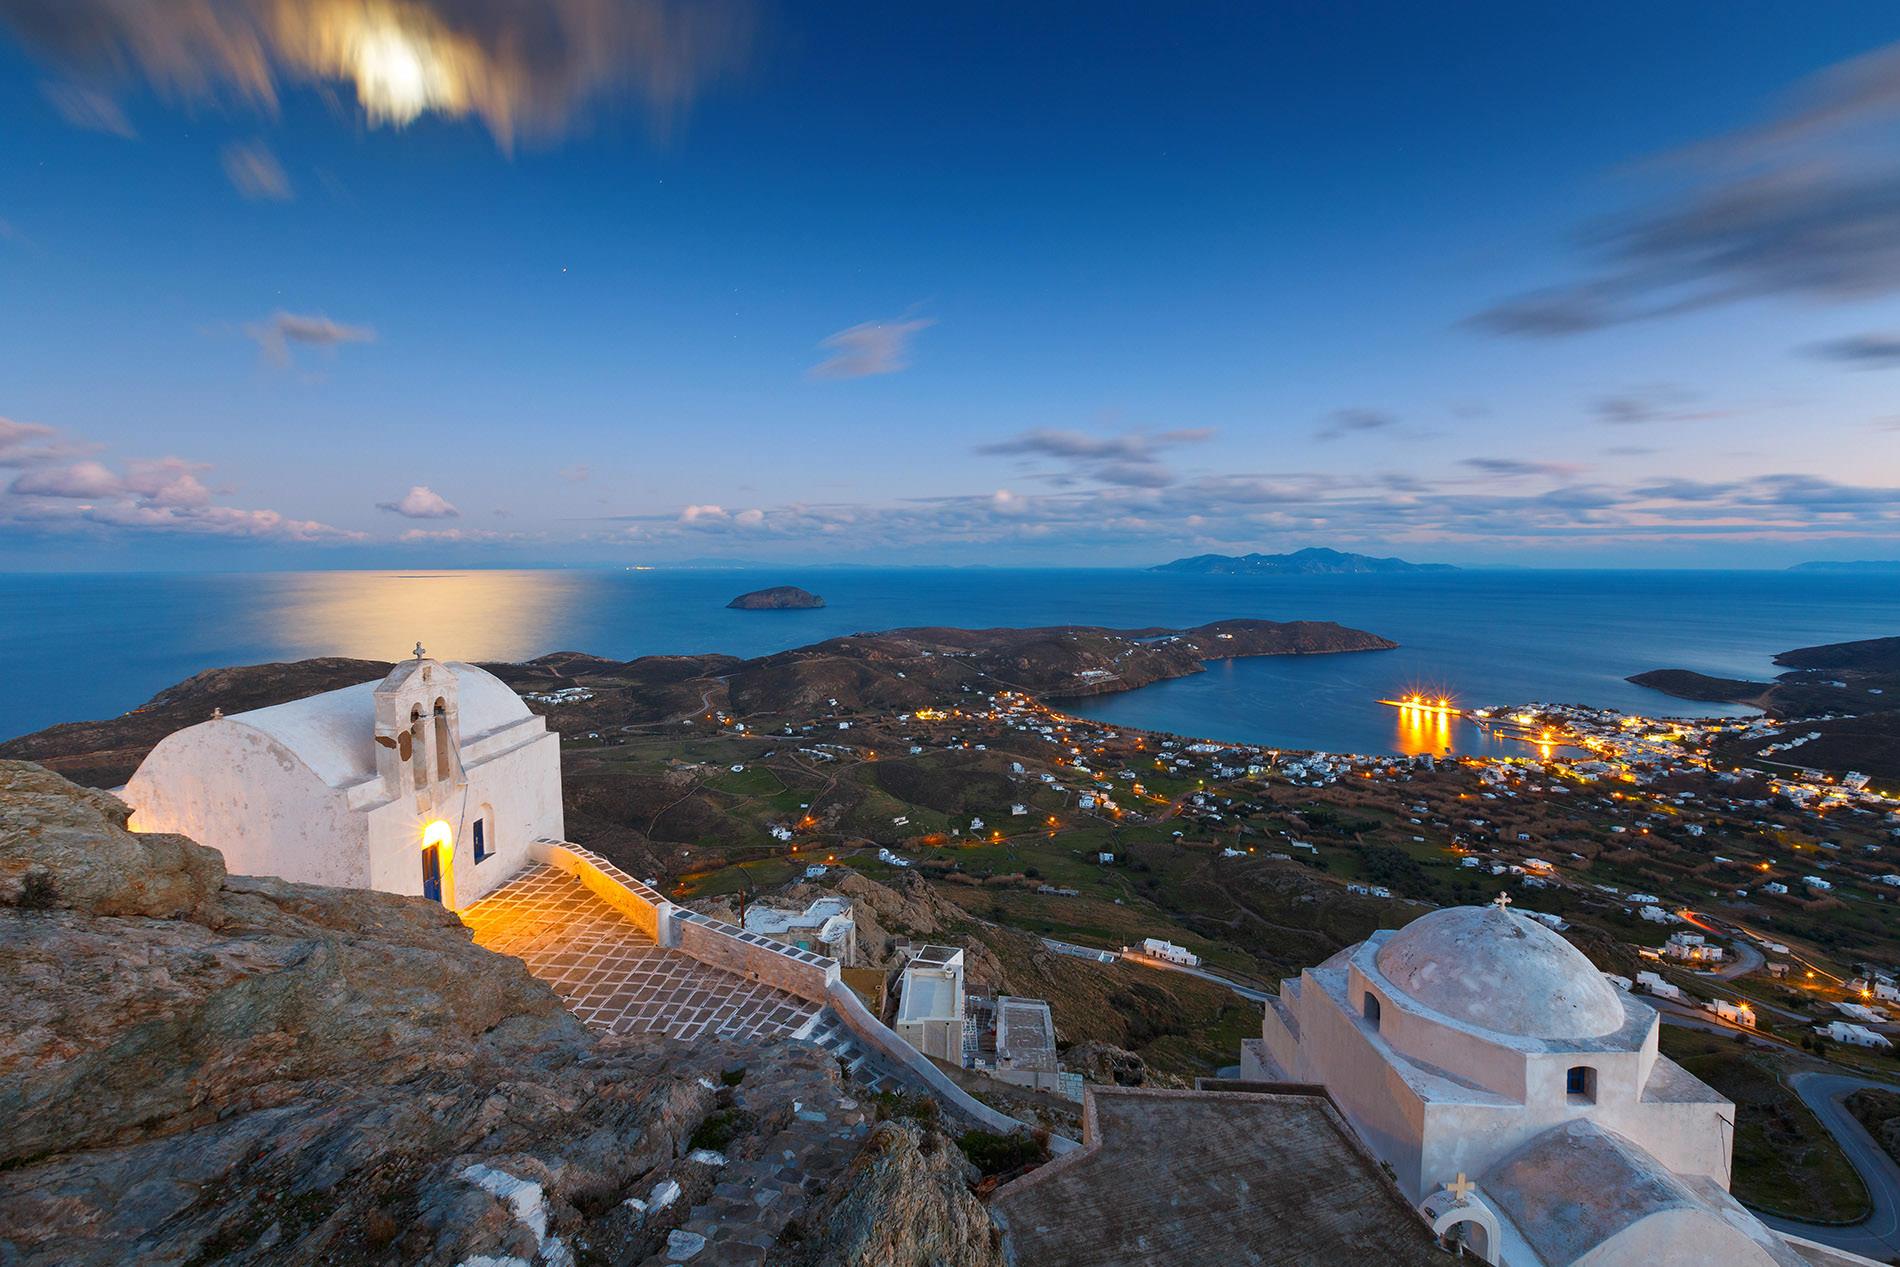 Serifos island - Aspes Villas - Serifos